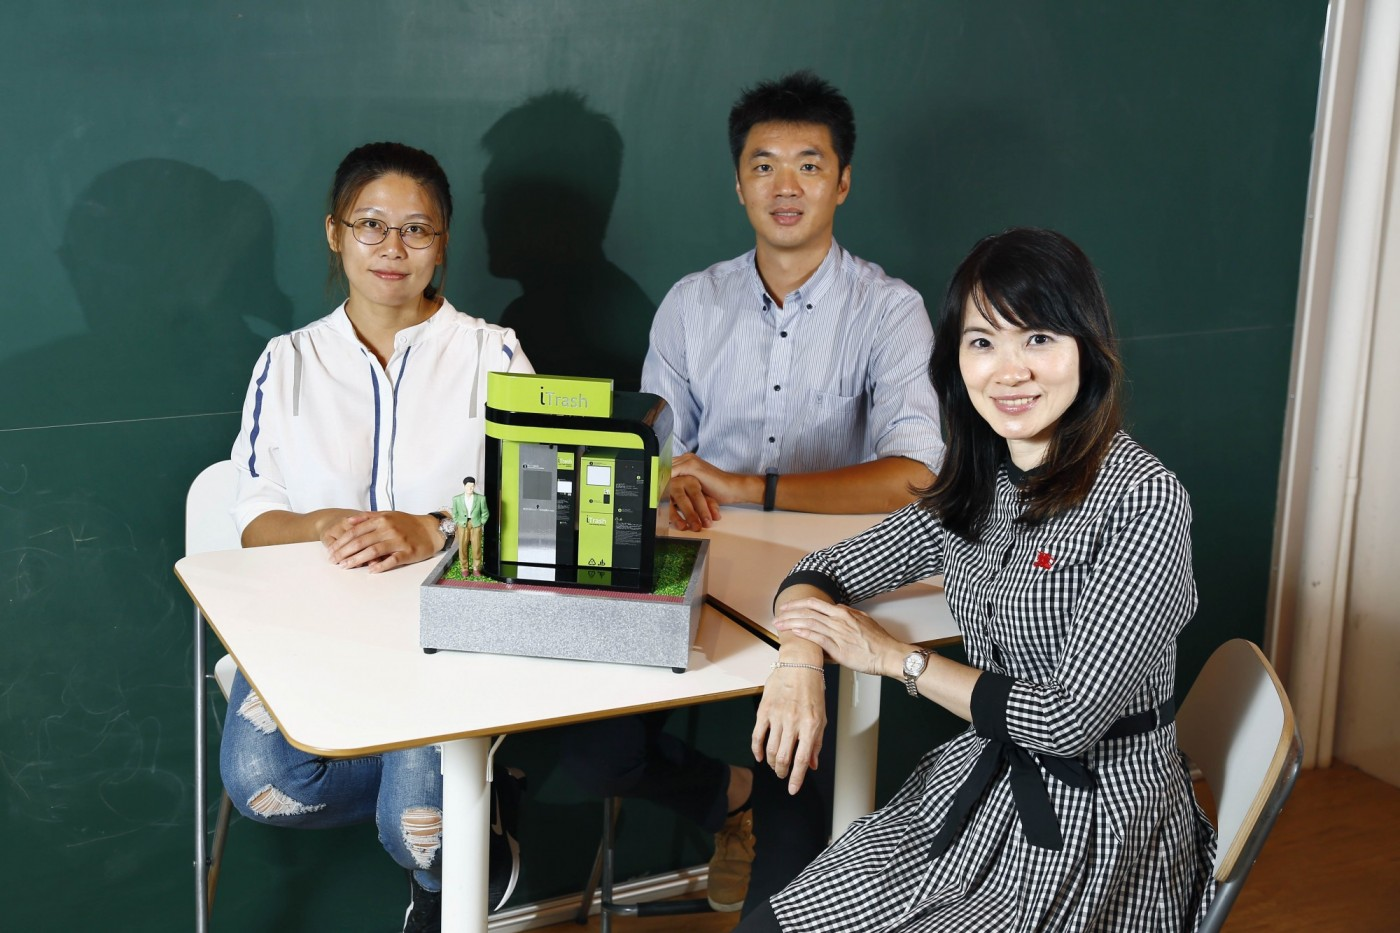 200萬打造垃圾回收整合系統 「iTrash」讓日本人都驚嘆